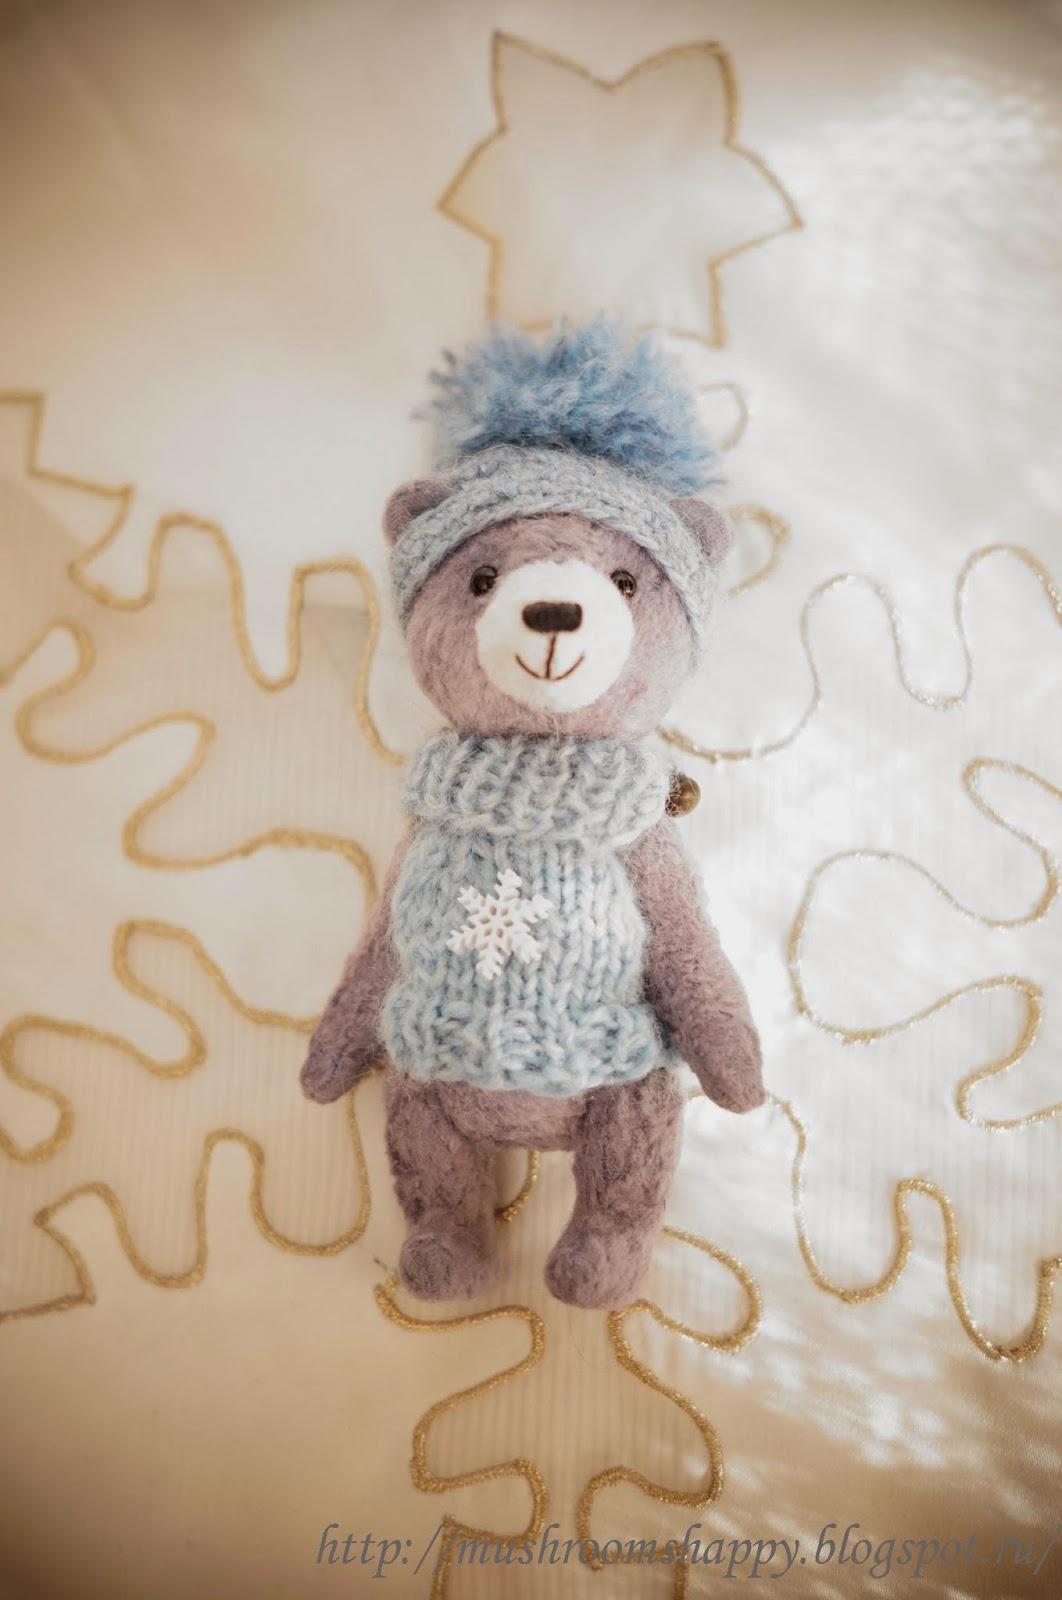 снежинка, снежный медведь, тедди